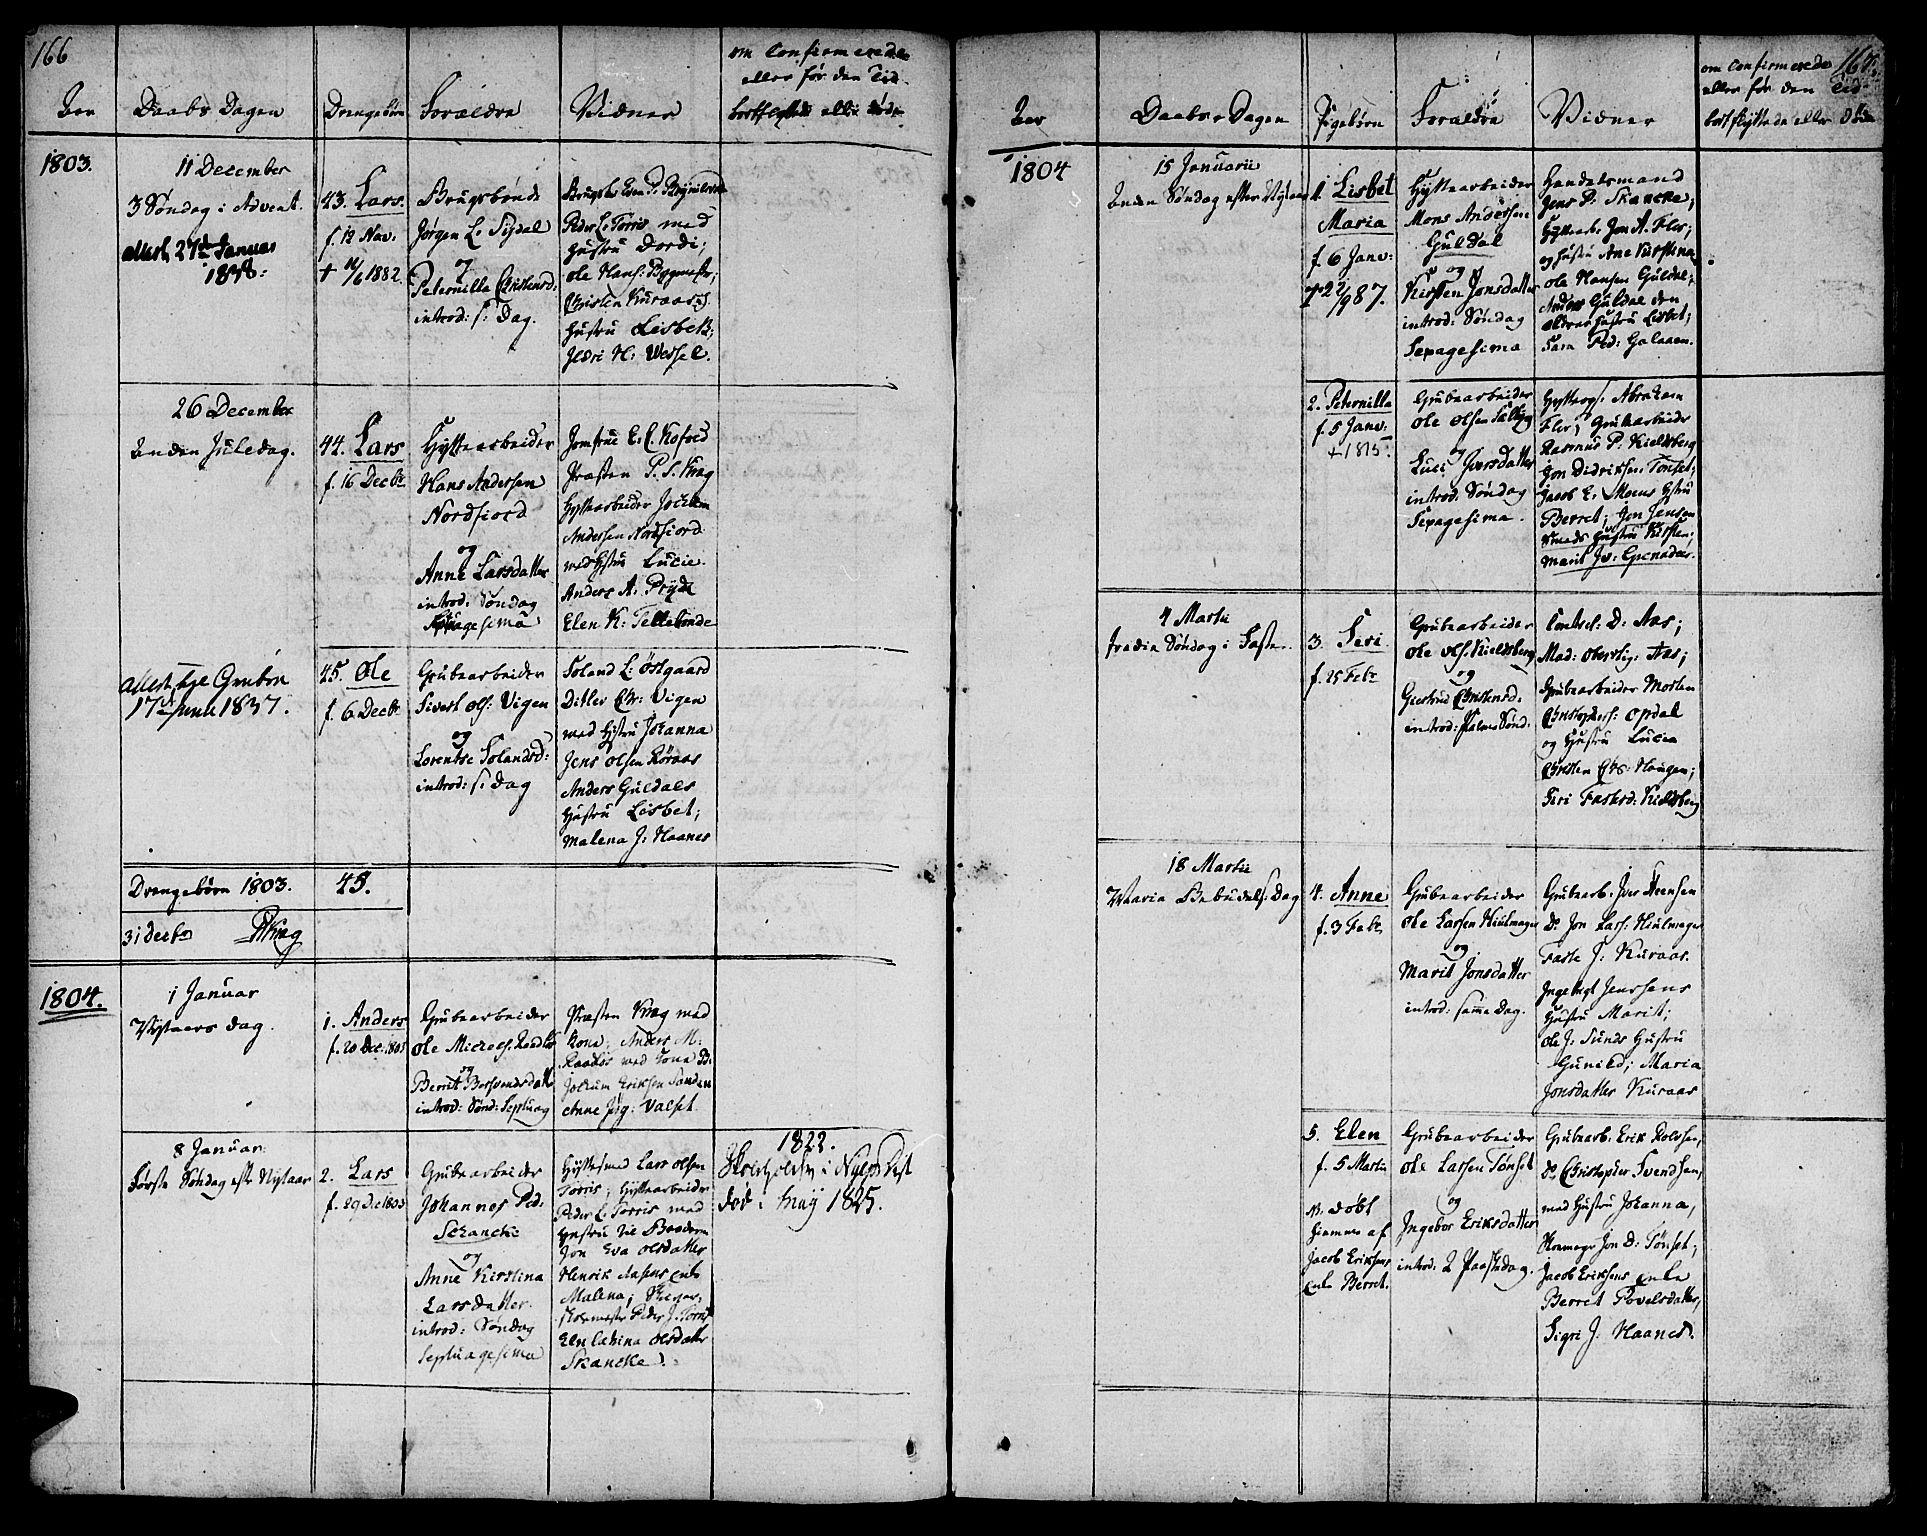 SAT, Ministerialprotokoller, klokkerbøker og fødselsregistre - Sør-Trøndelag, 681/L0927: Ministerialbok nr. 681A05, 1798-1808, s. 166-167